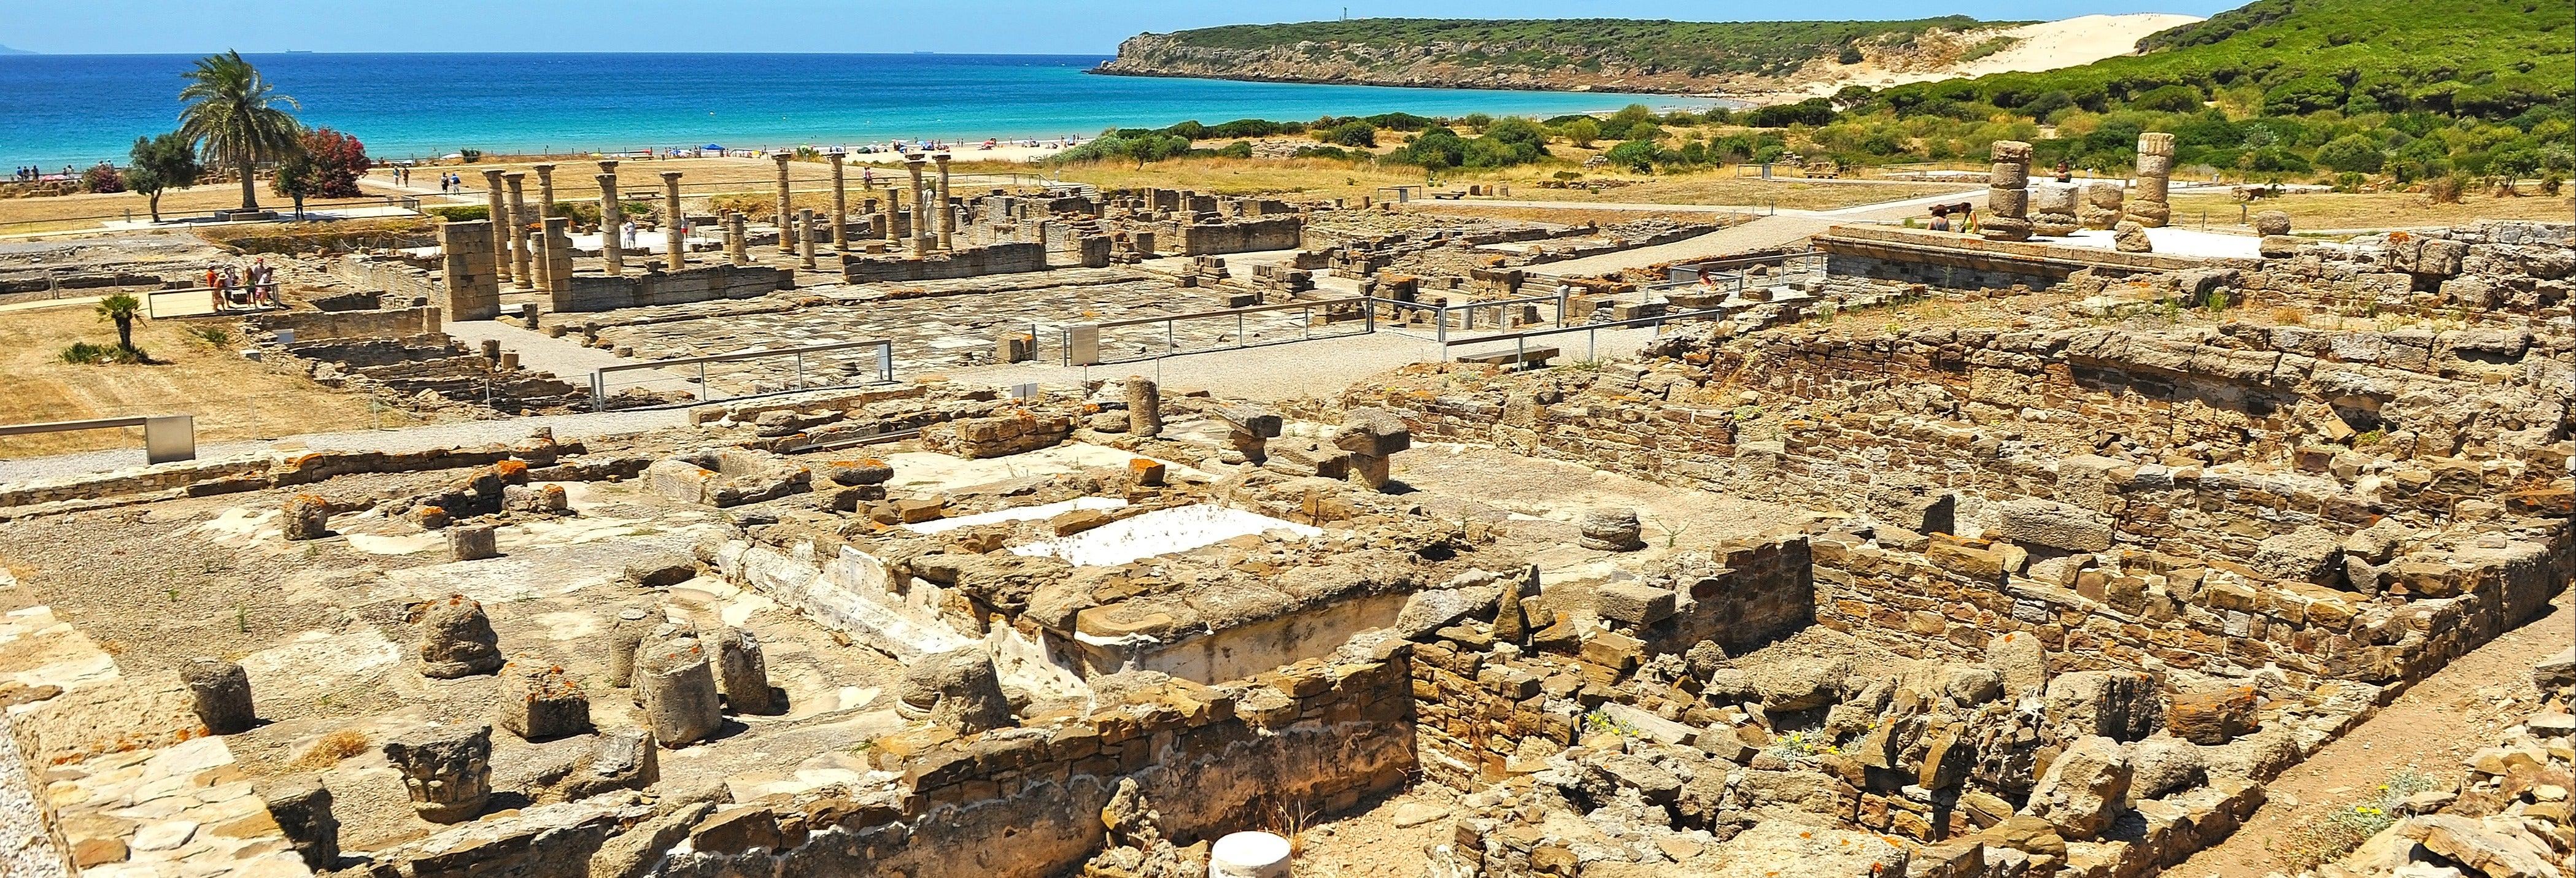 Excursão a Tarifa, Zahara de los Atunes e Baelo Claudia